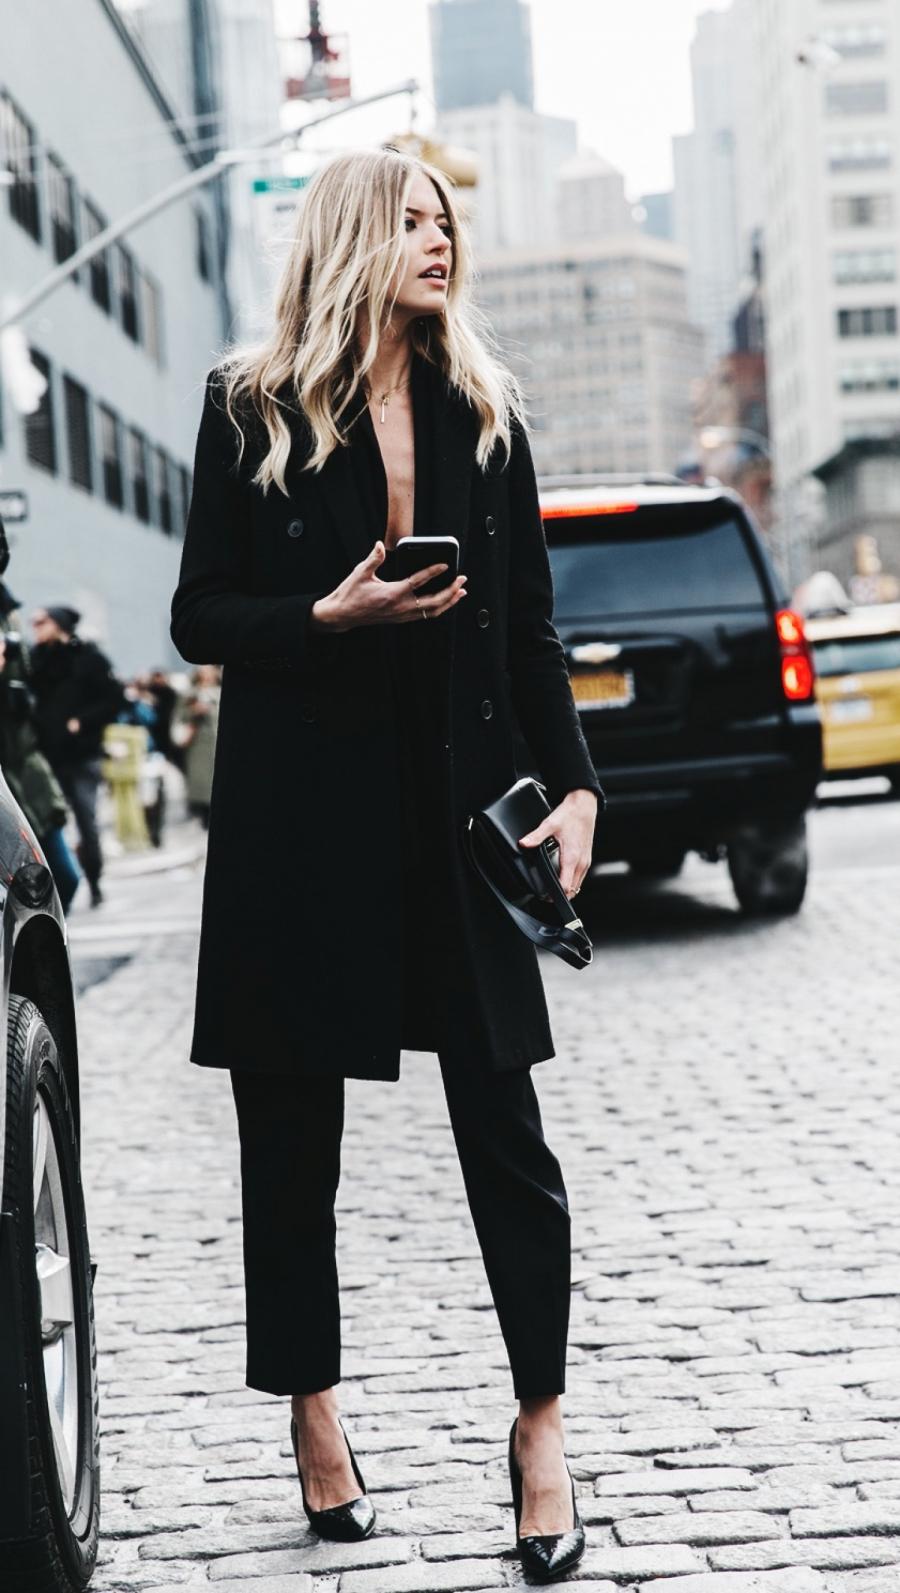 Không ngạc nhiên khi tông đen nằm đầu danh sách gam màu lý tưởng cho trang phục đơn sắc. Kết hợp áo khoác cùng clutch nhỏ và đôi giày cao gót mũi nhọn luôn giúp các cô nàng trông tinh tế, cổ điển.